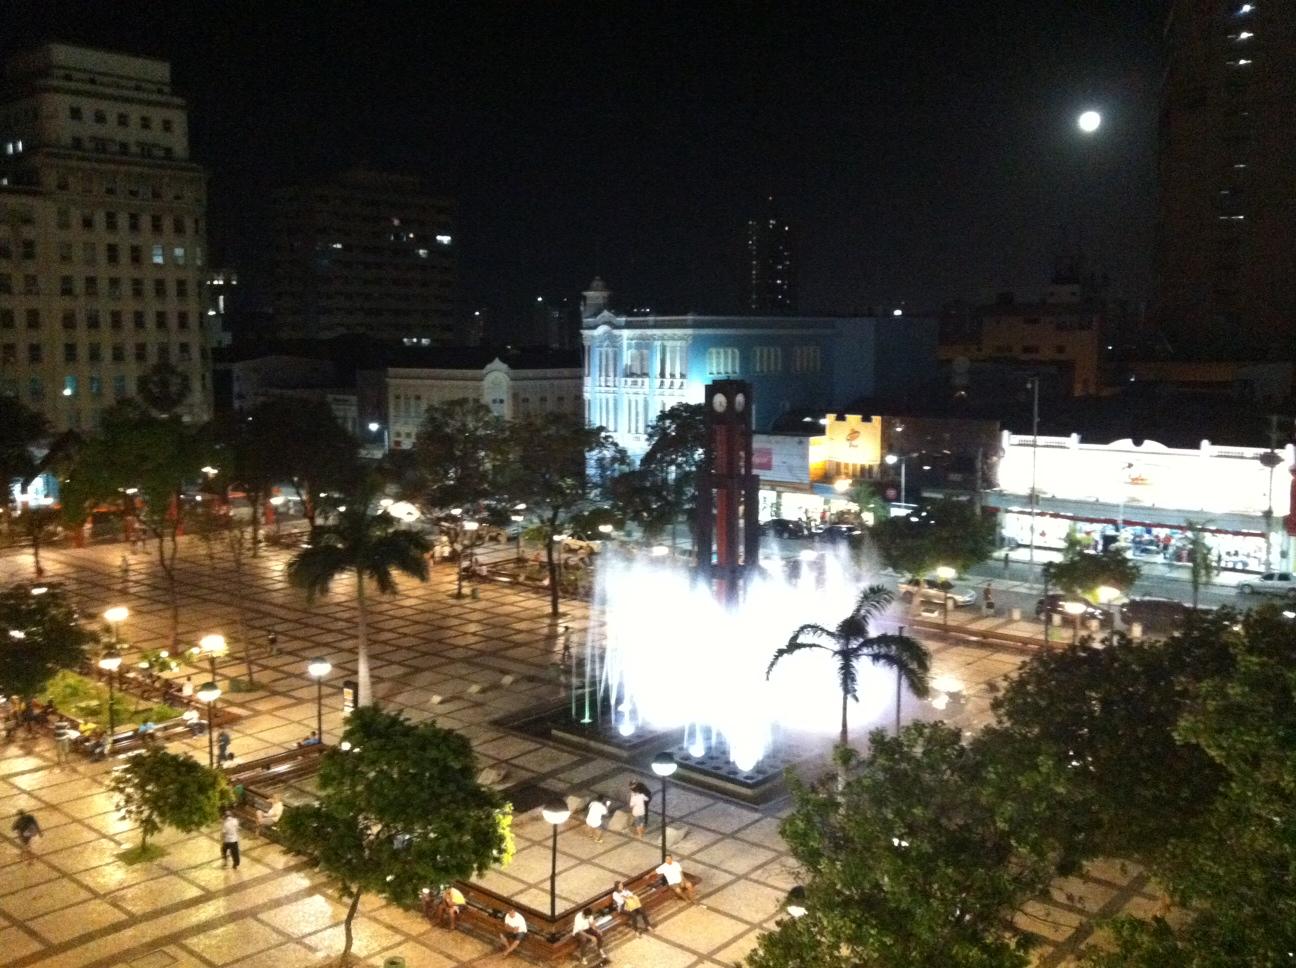 Praça do Ferreira 2013